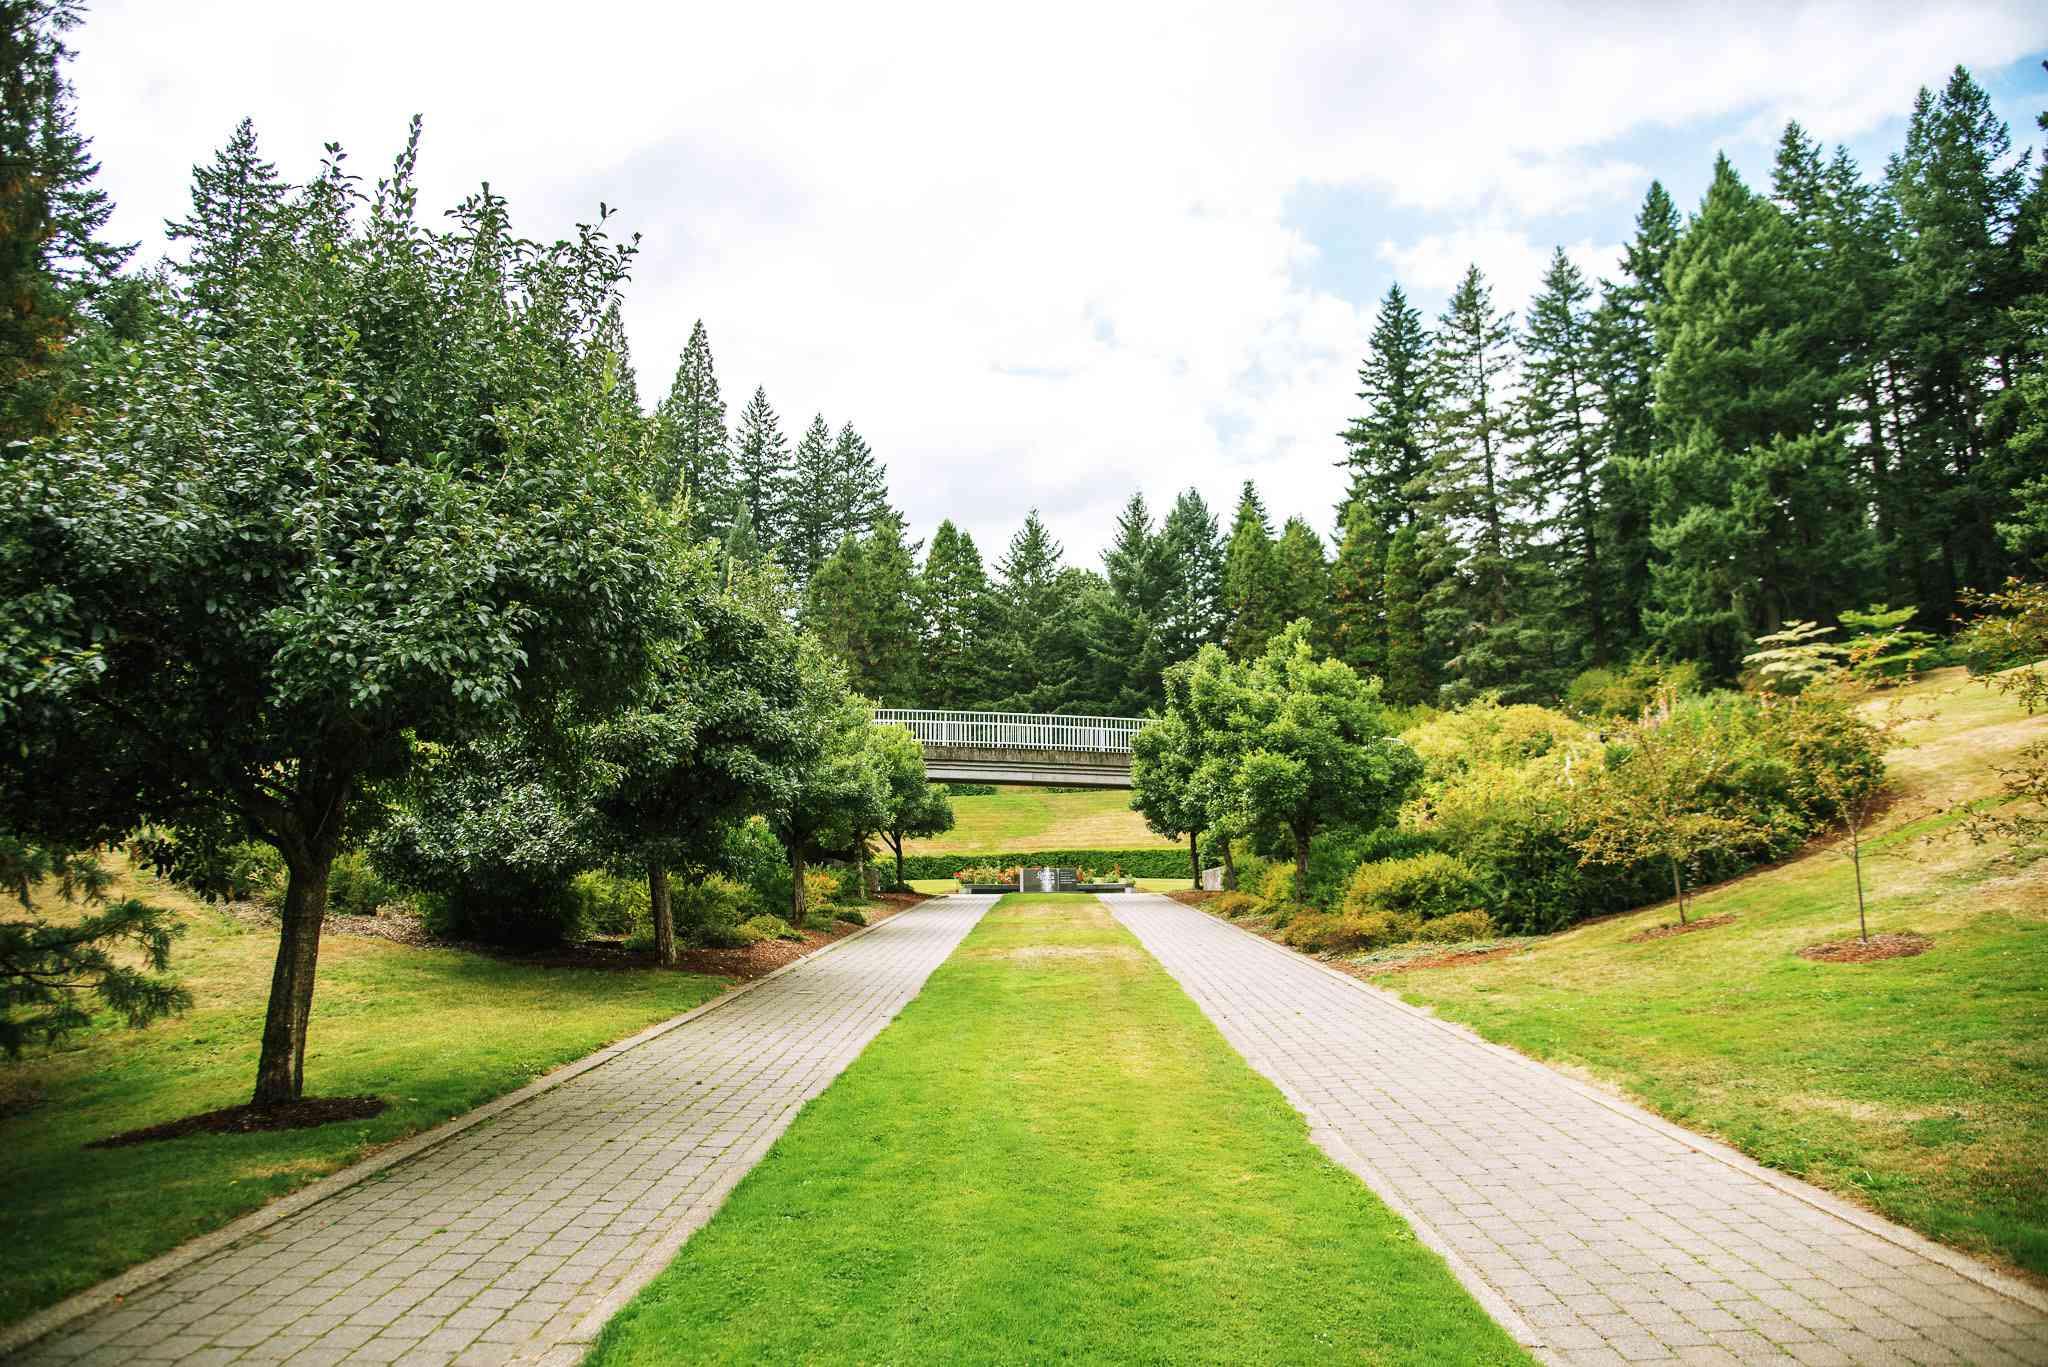 Caminatas bordeadas de árboles en Hoyt Arboretum